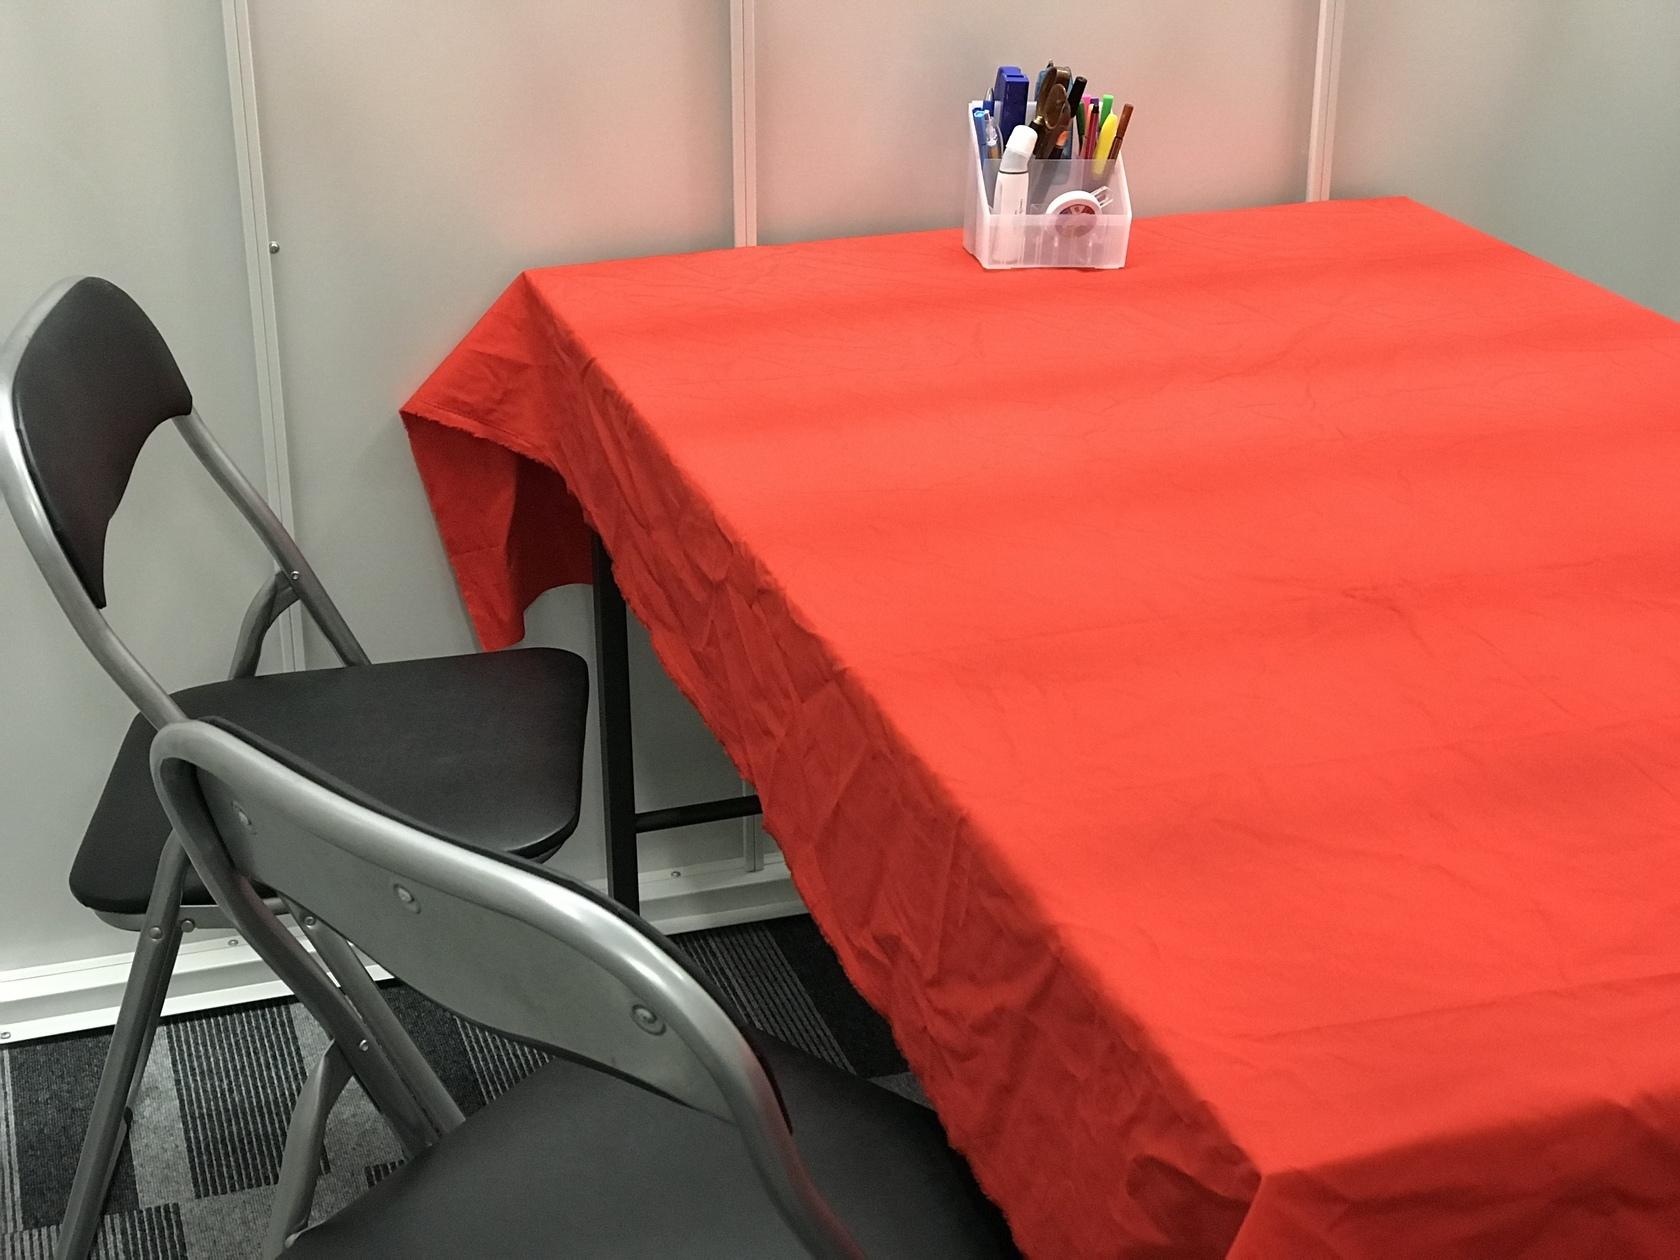 快適で静かなオフィス!会議室、検定試験、アロマ、マッサージ、展示会などに!(イリスストレージ久茂地店) の写真0